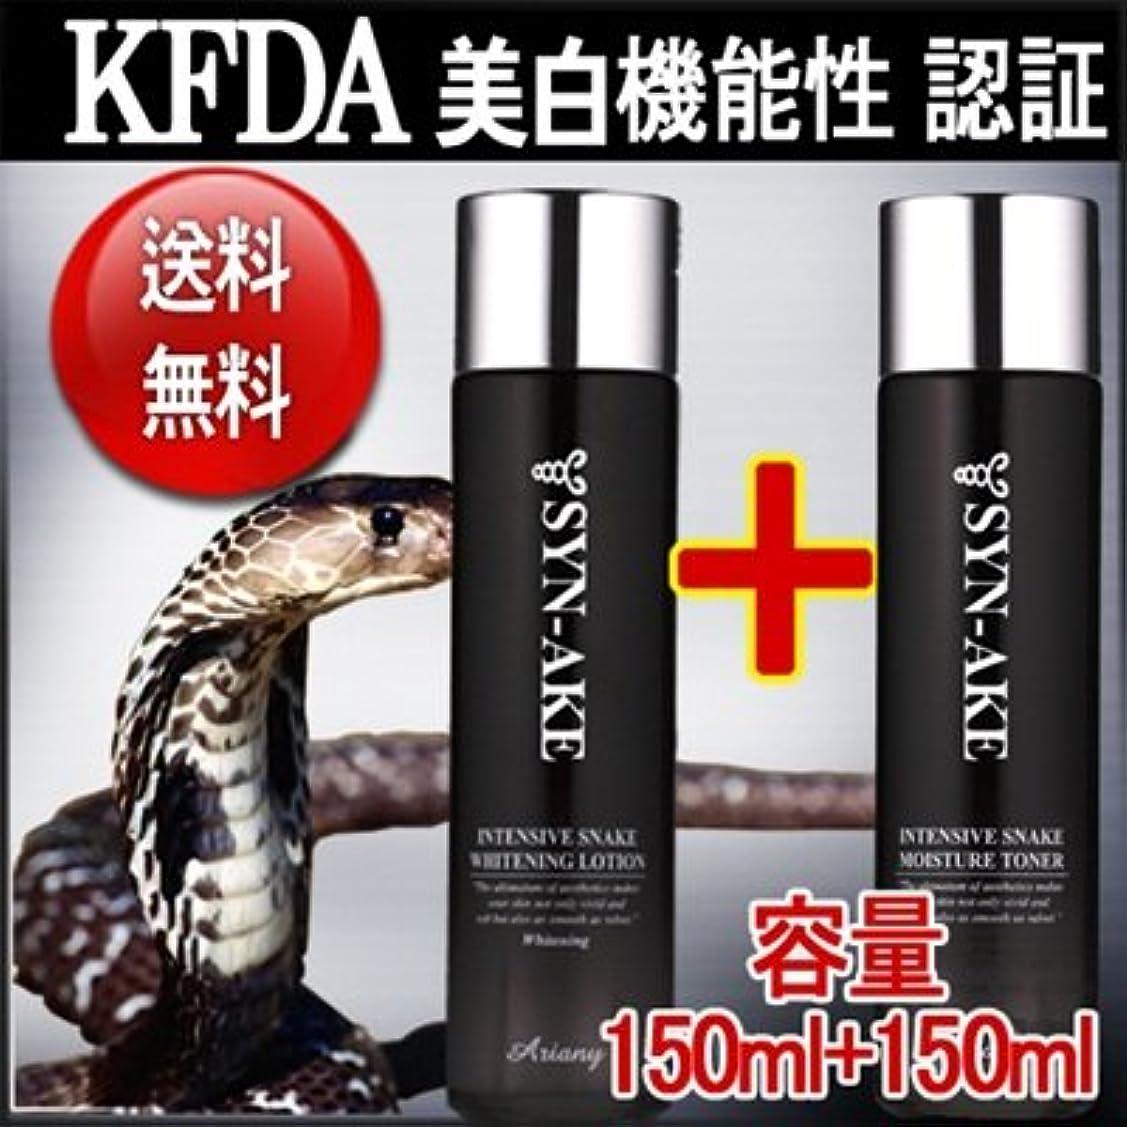 テクニカル占めるペース韓国アリアー二 (Ariany) 蛇毒/ 毒蛇化粧水&乳液2種セット